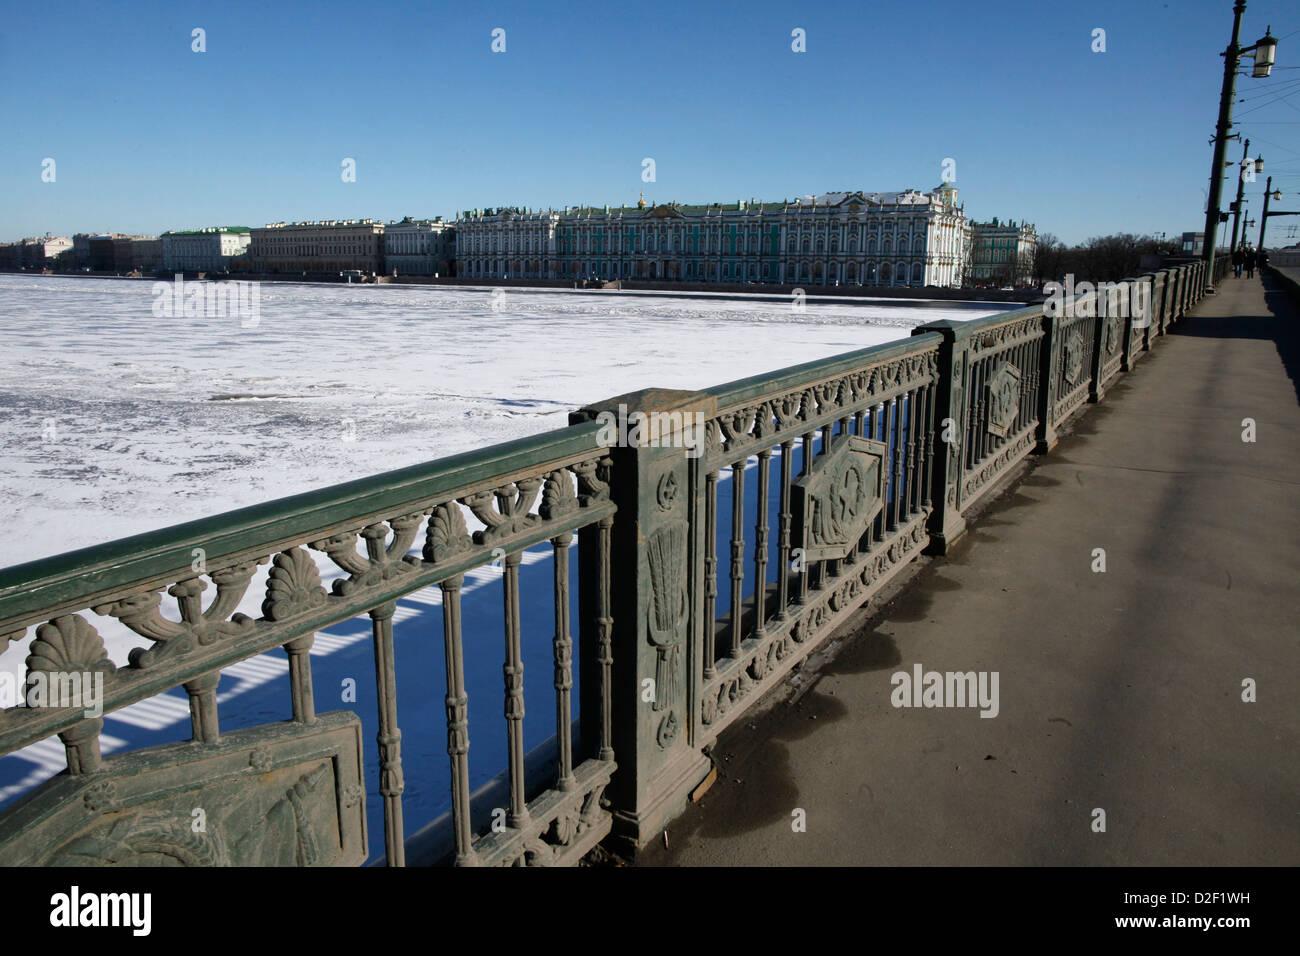 Frozen Neva river in winter. Saint Petersburg. Russia. - Stock Image